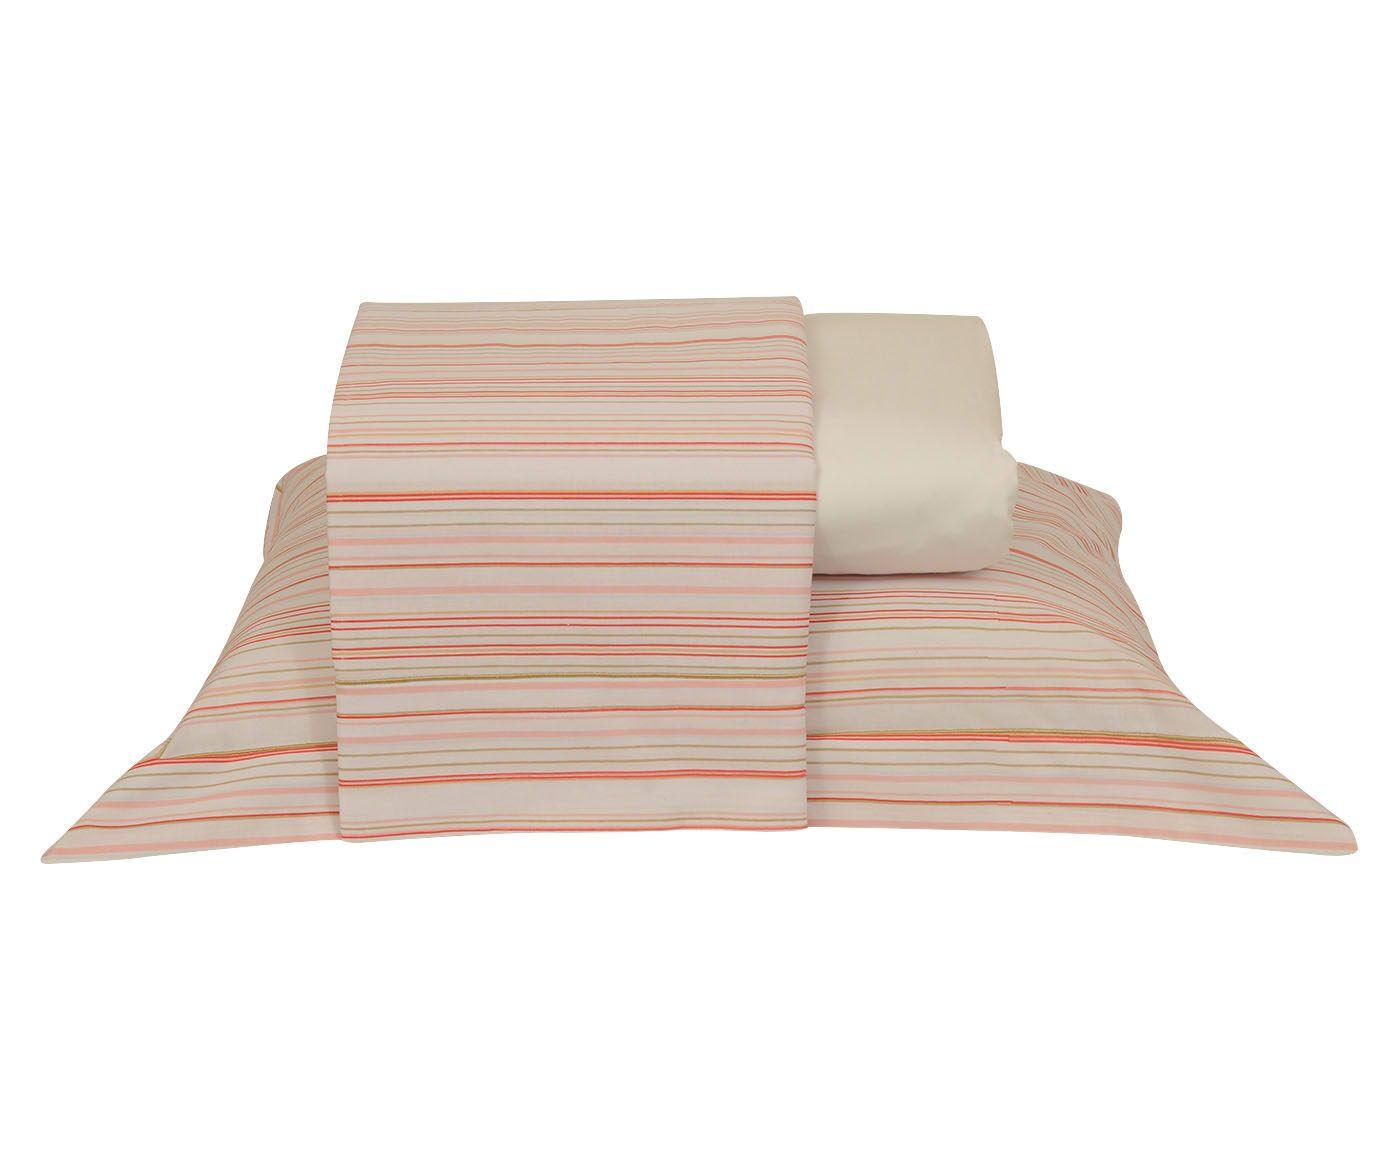 Jogo de lençol versatt stripes para cama de casal 150 fios - ritz   Westwing.com.br